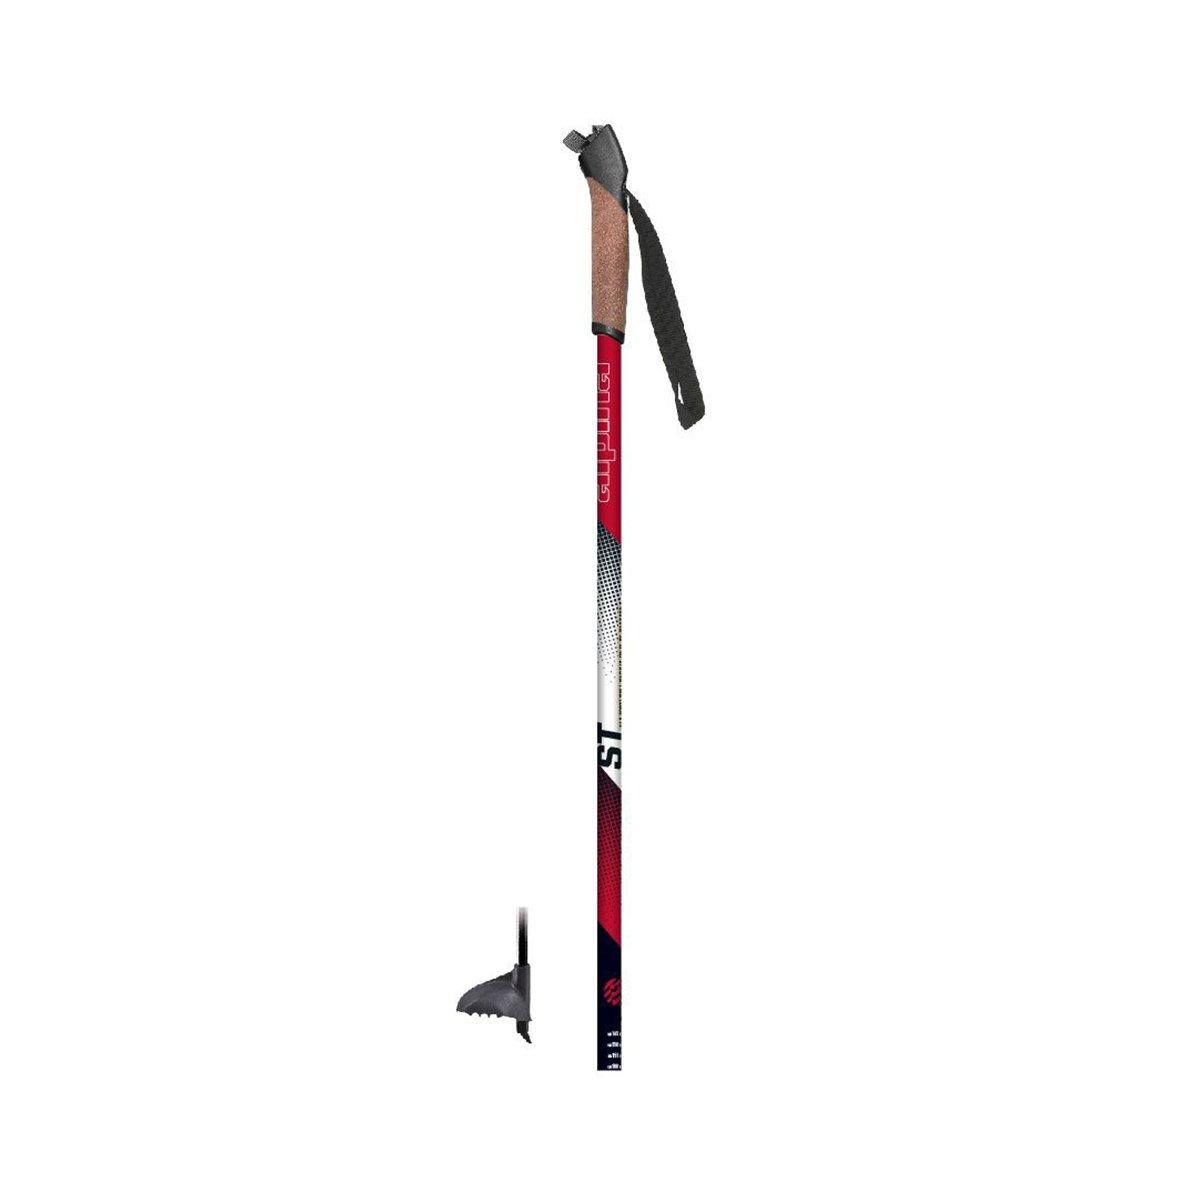 Alpina ST Plus Nordic Ski Poles